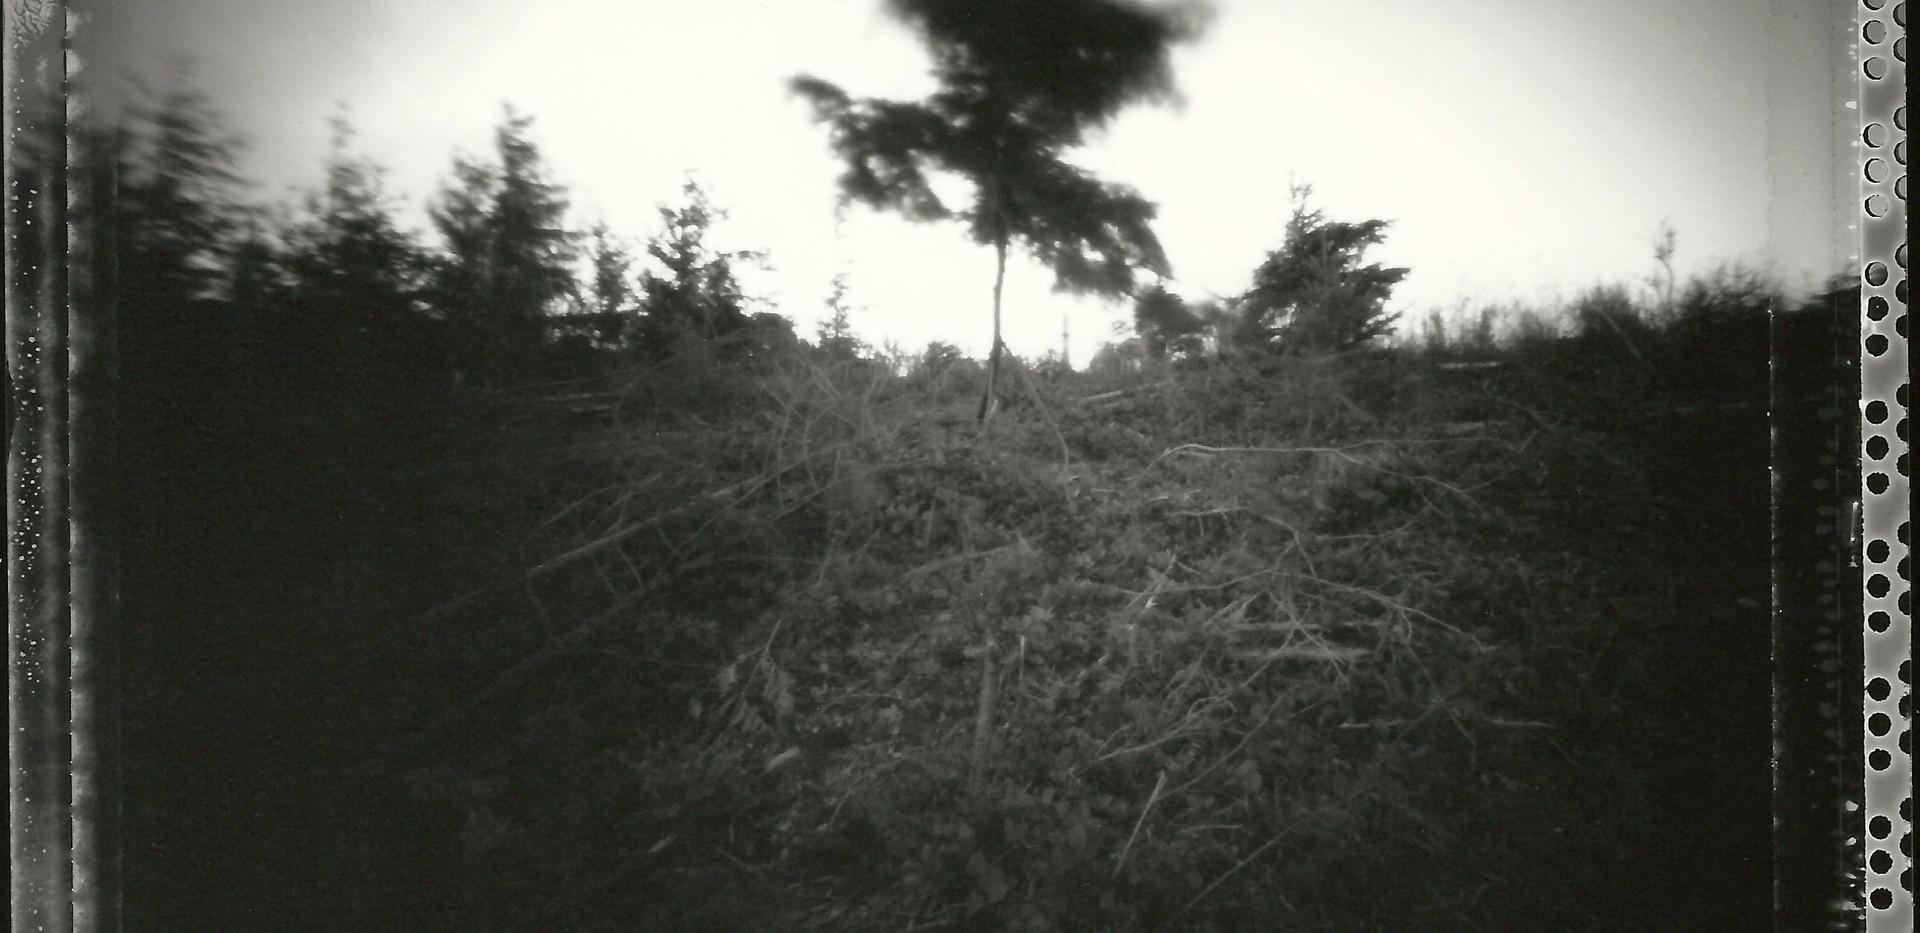 walega_pinhole__northbend_treeinwind.jpg